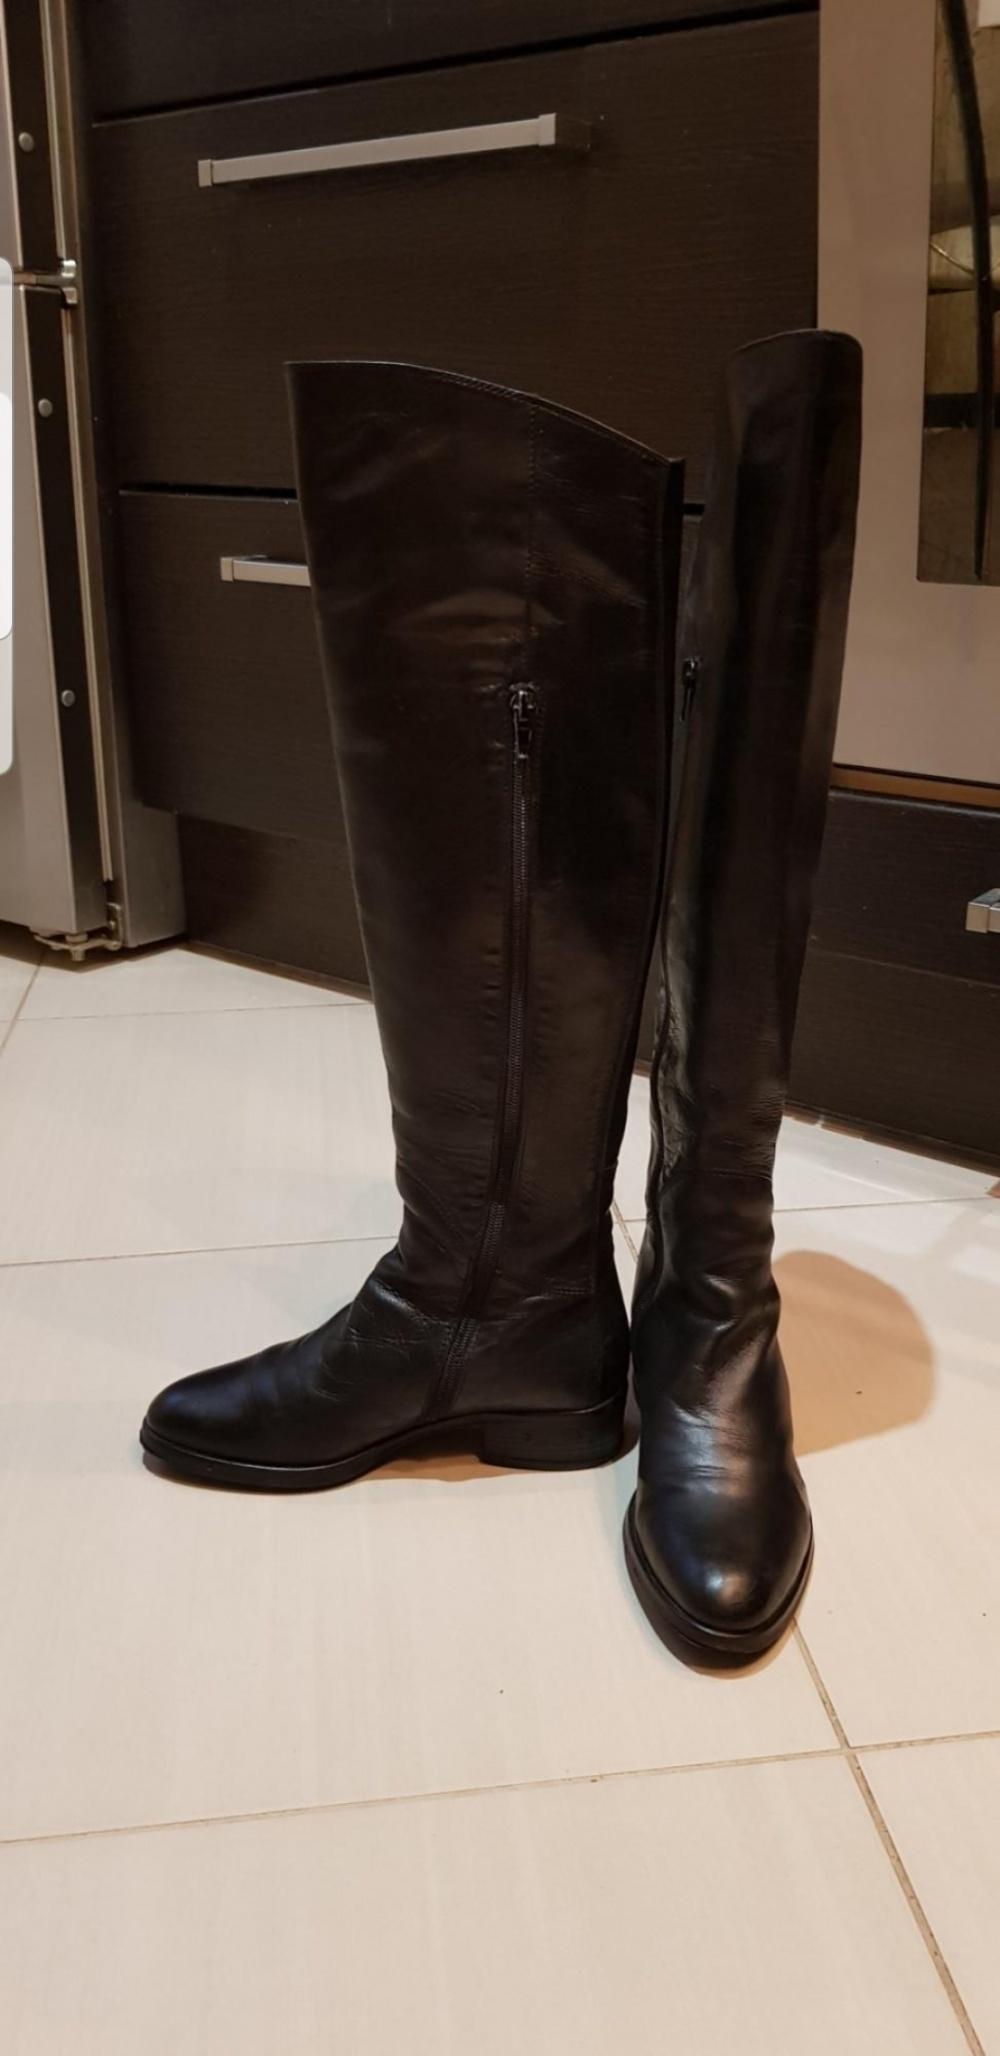 Ботфорты итальянские евро-зима Le Pepe, 36 размер.